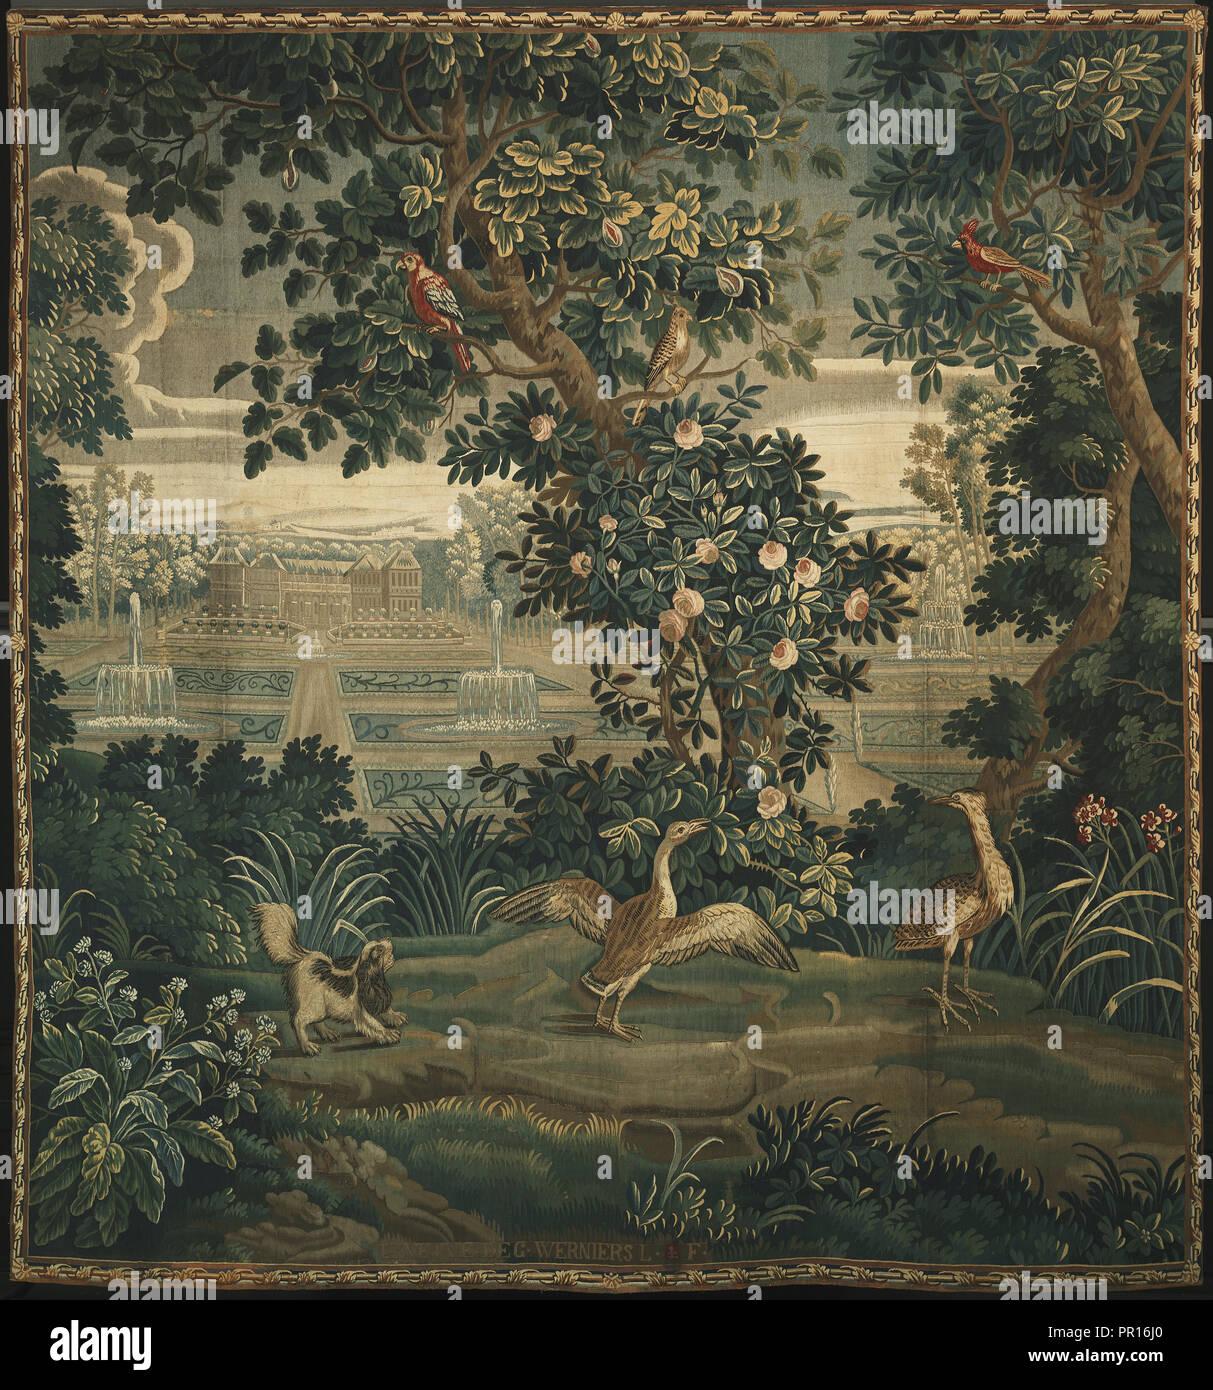 Verdure avec Château et jardin; la veuve Guillaume Werniers, français, est mort en 1778, actif à partir de 1738, 1738 - 1778; Laine et soie Photo Stock